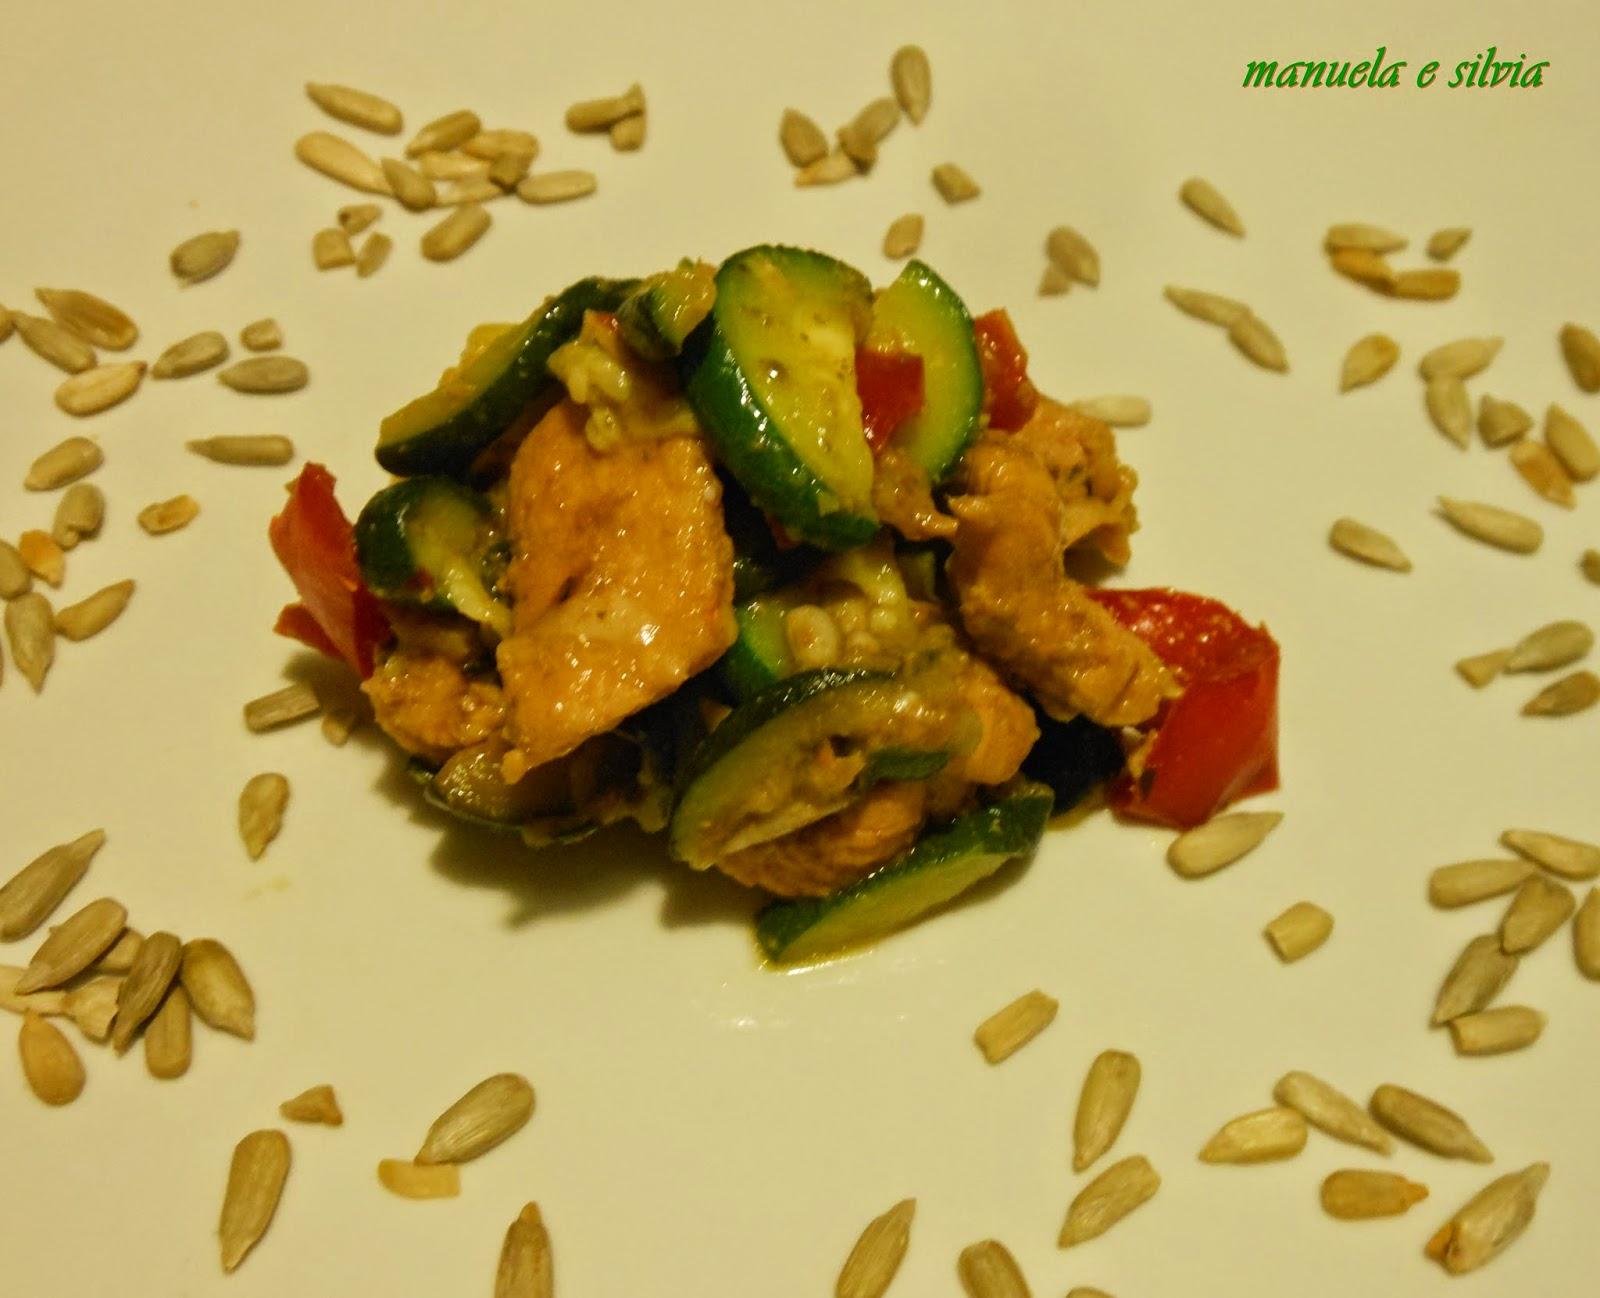 insalata di pollo e peperoni con rondelle di zucchine, profumata con spezie tandori, pesto di basilico e lemon pepper